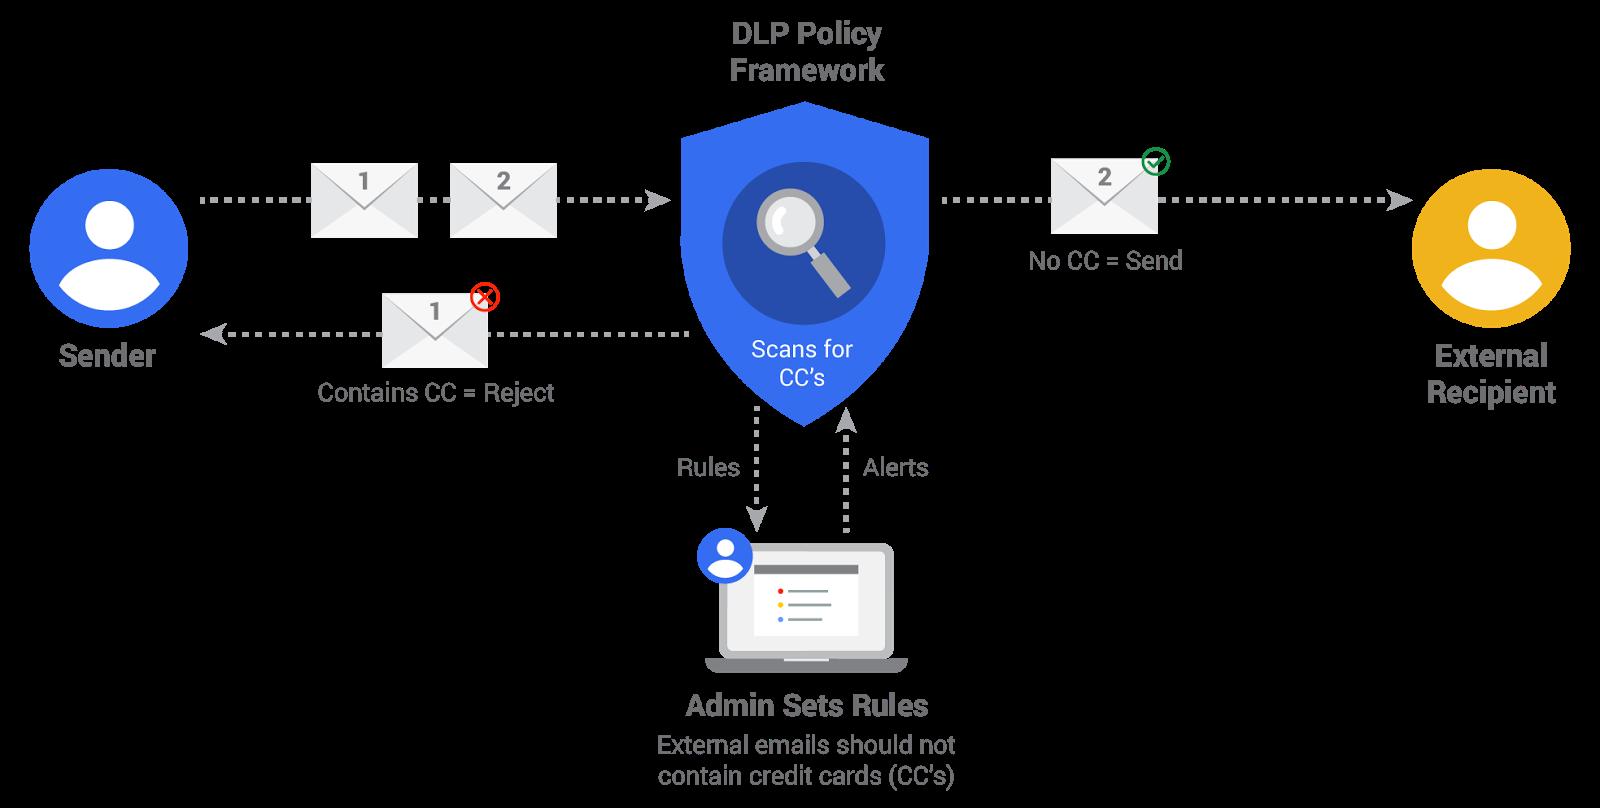 Gmail DLP flow chart image